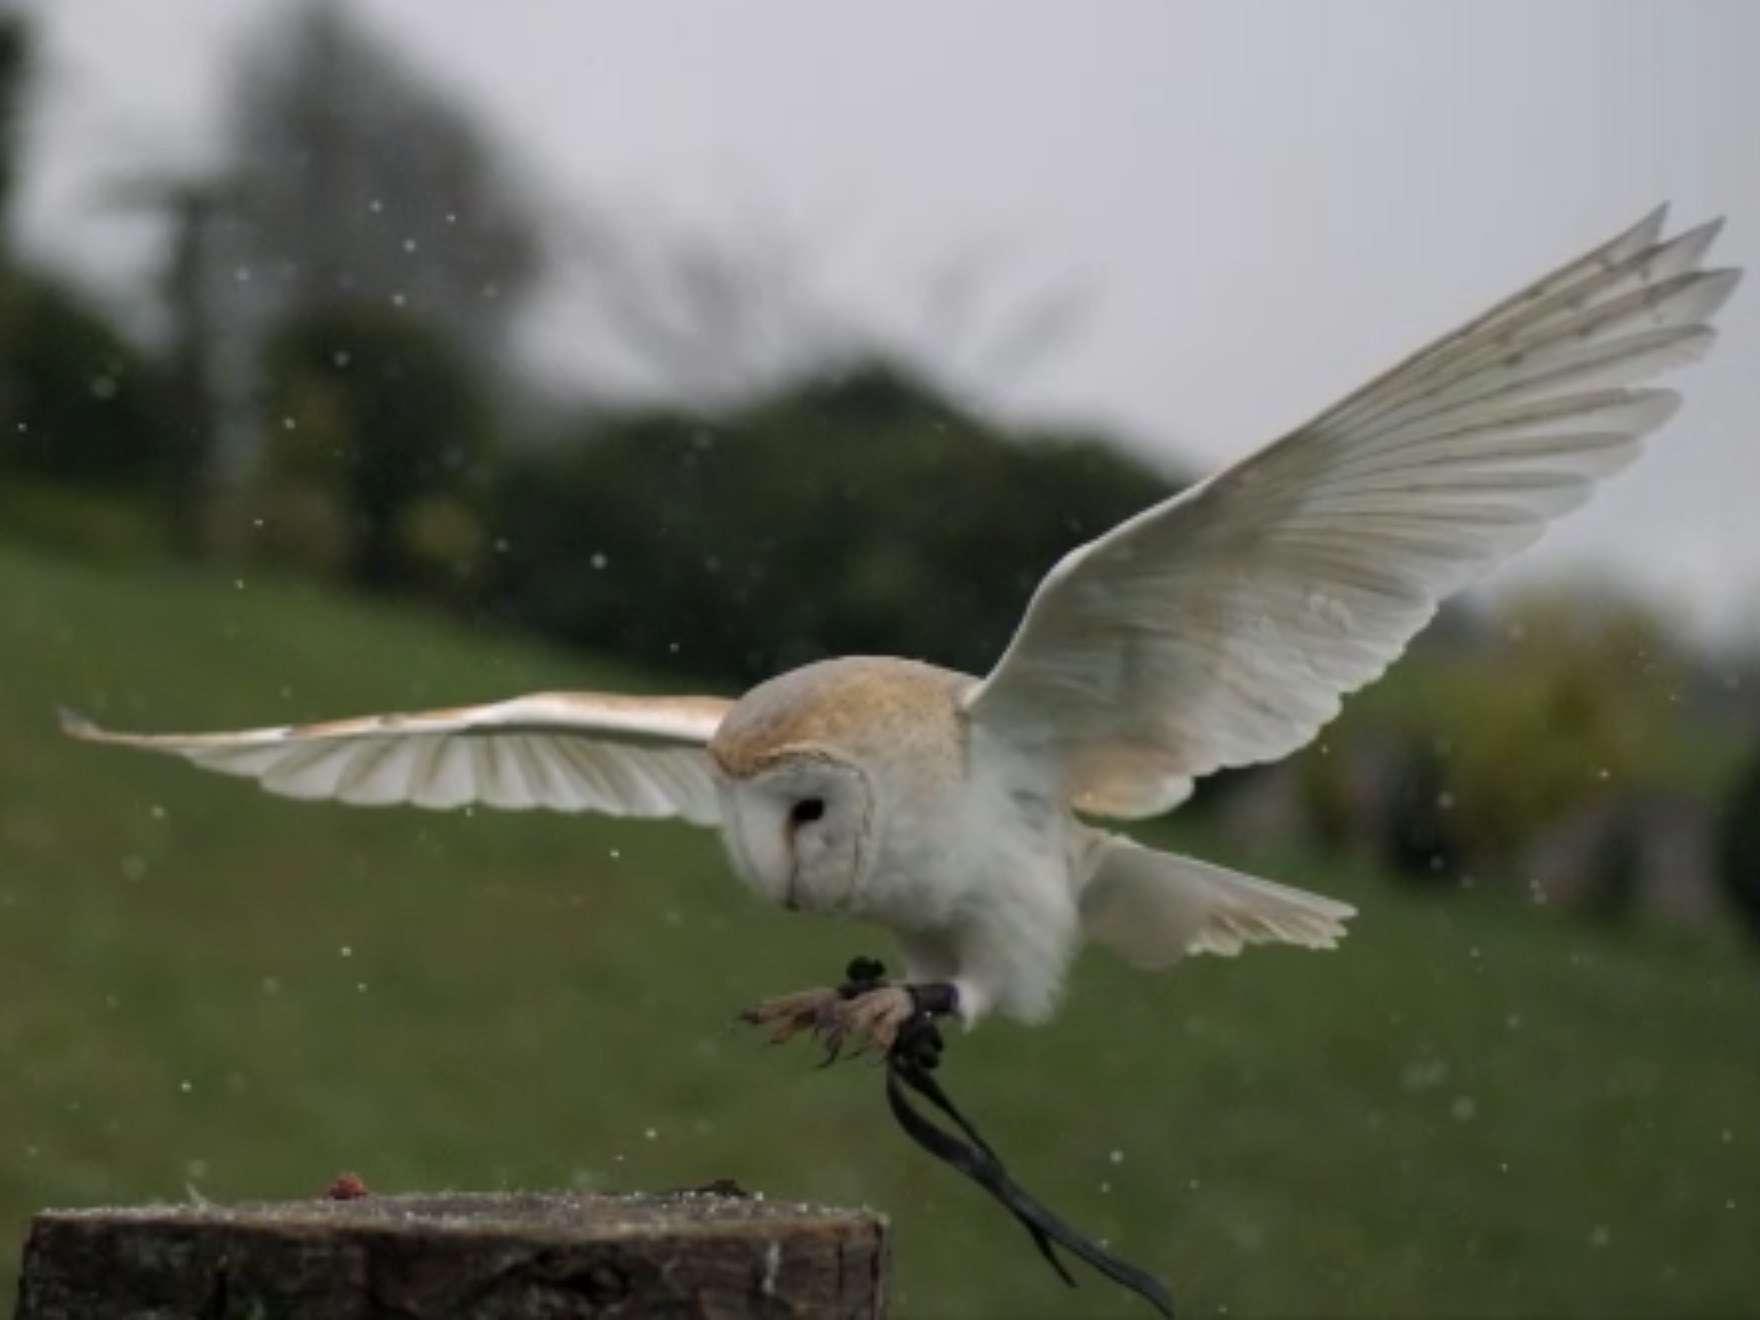 a still from a video that shows an owl landing